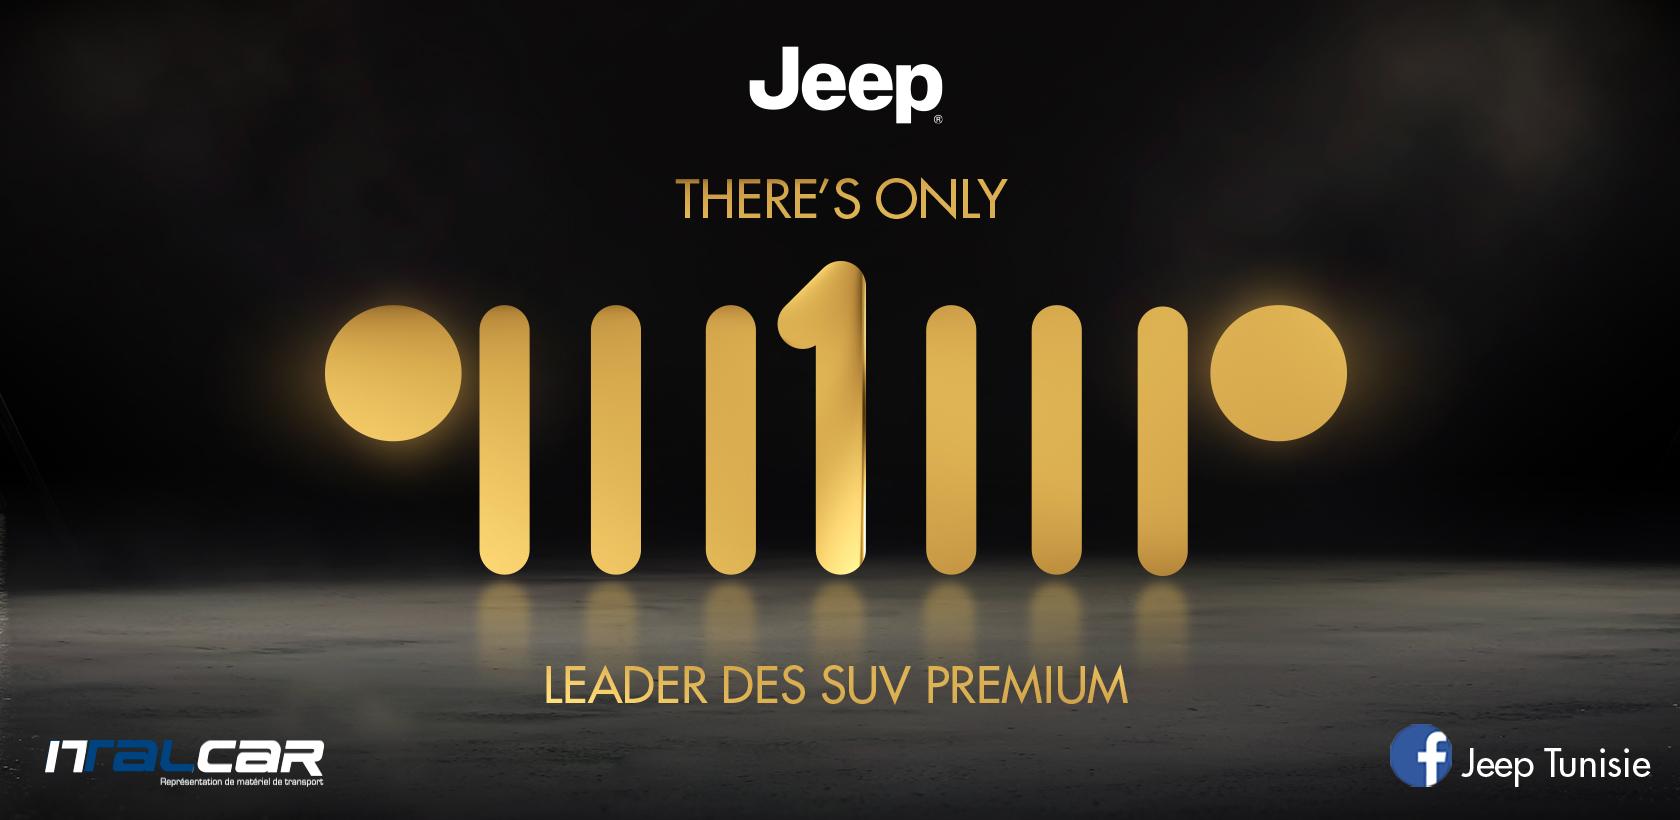 JEEP Tunisie consolide sa position de leader sur le segment SUV Premium